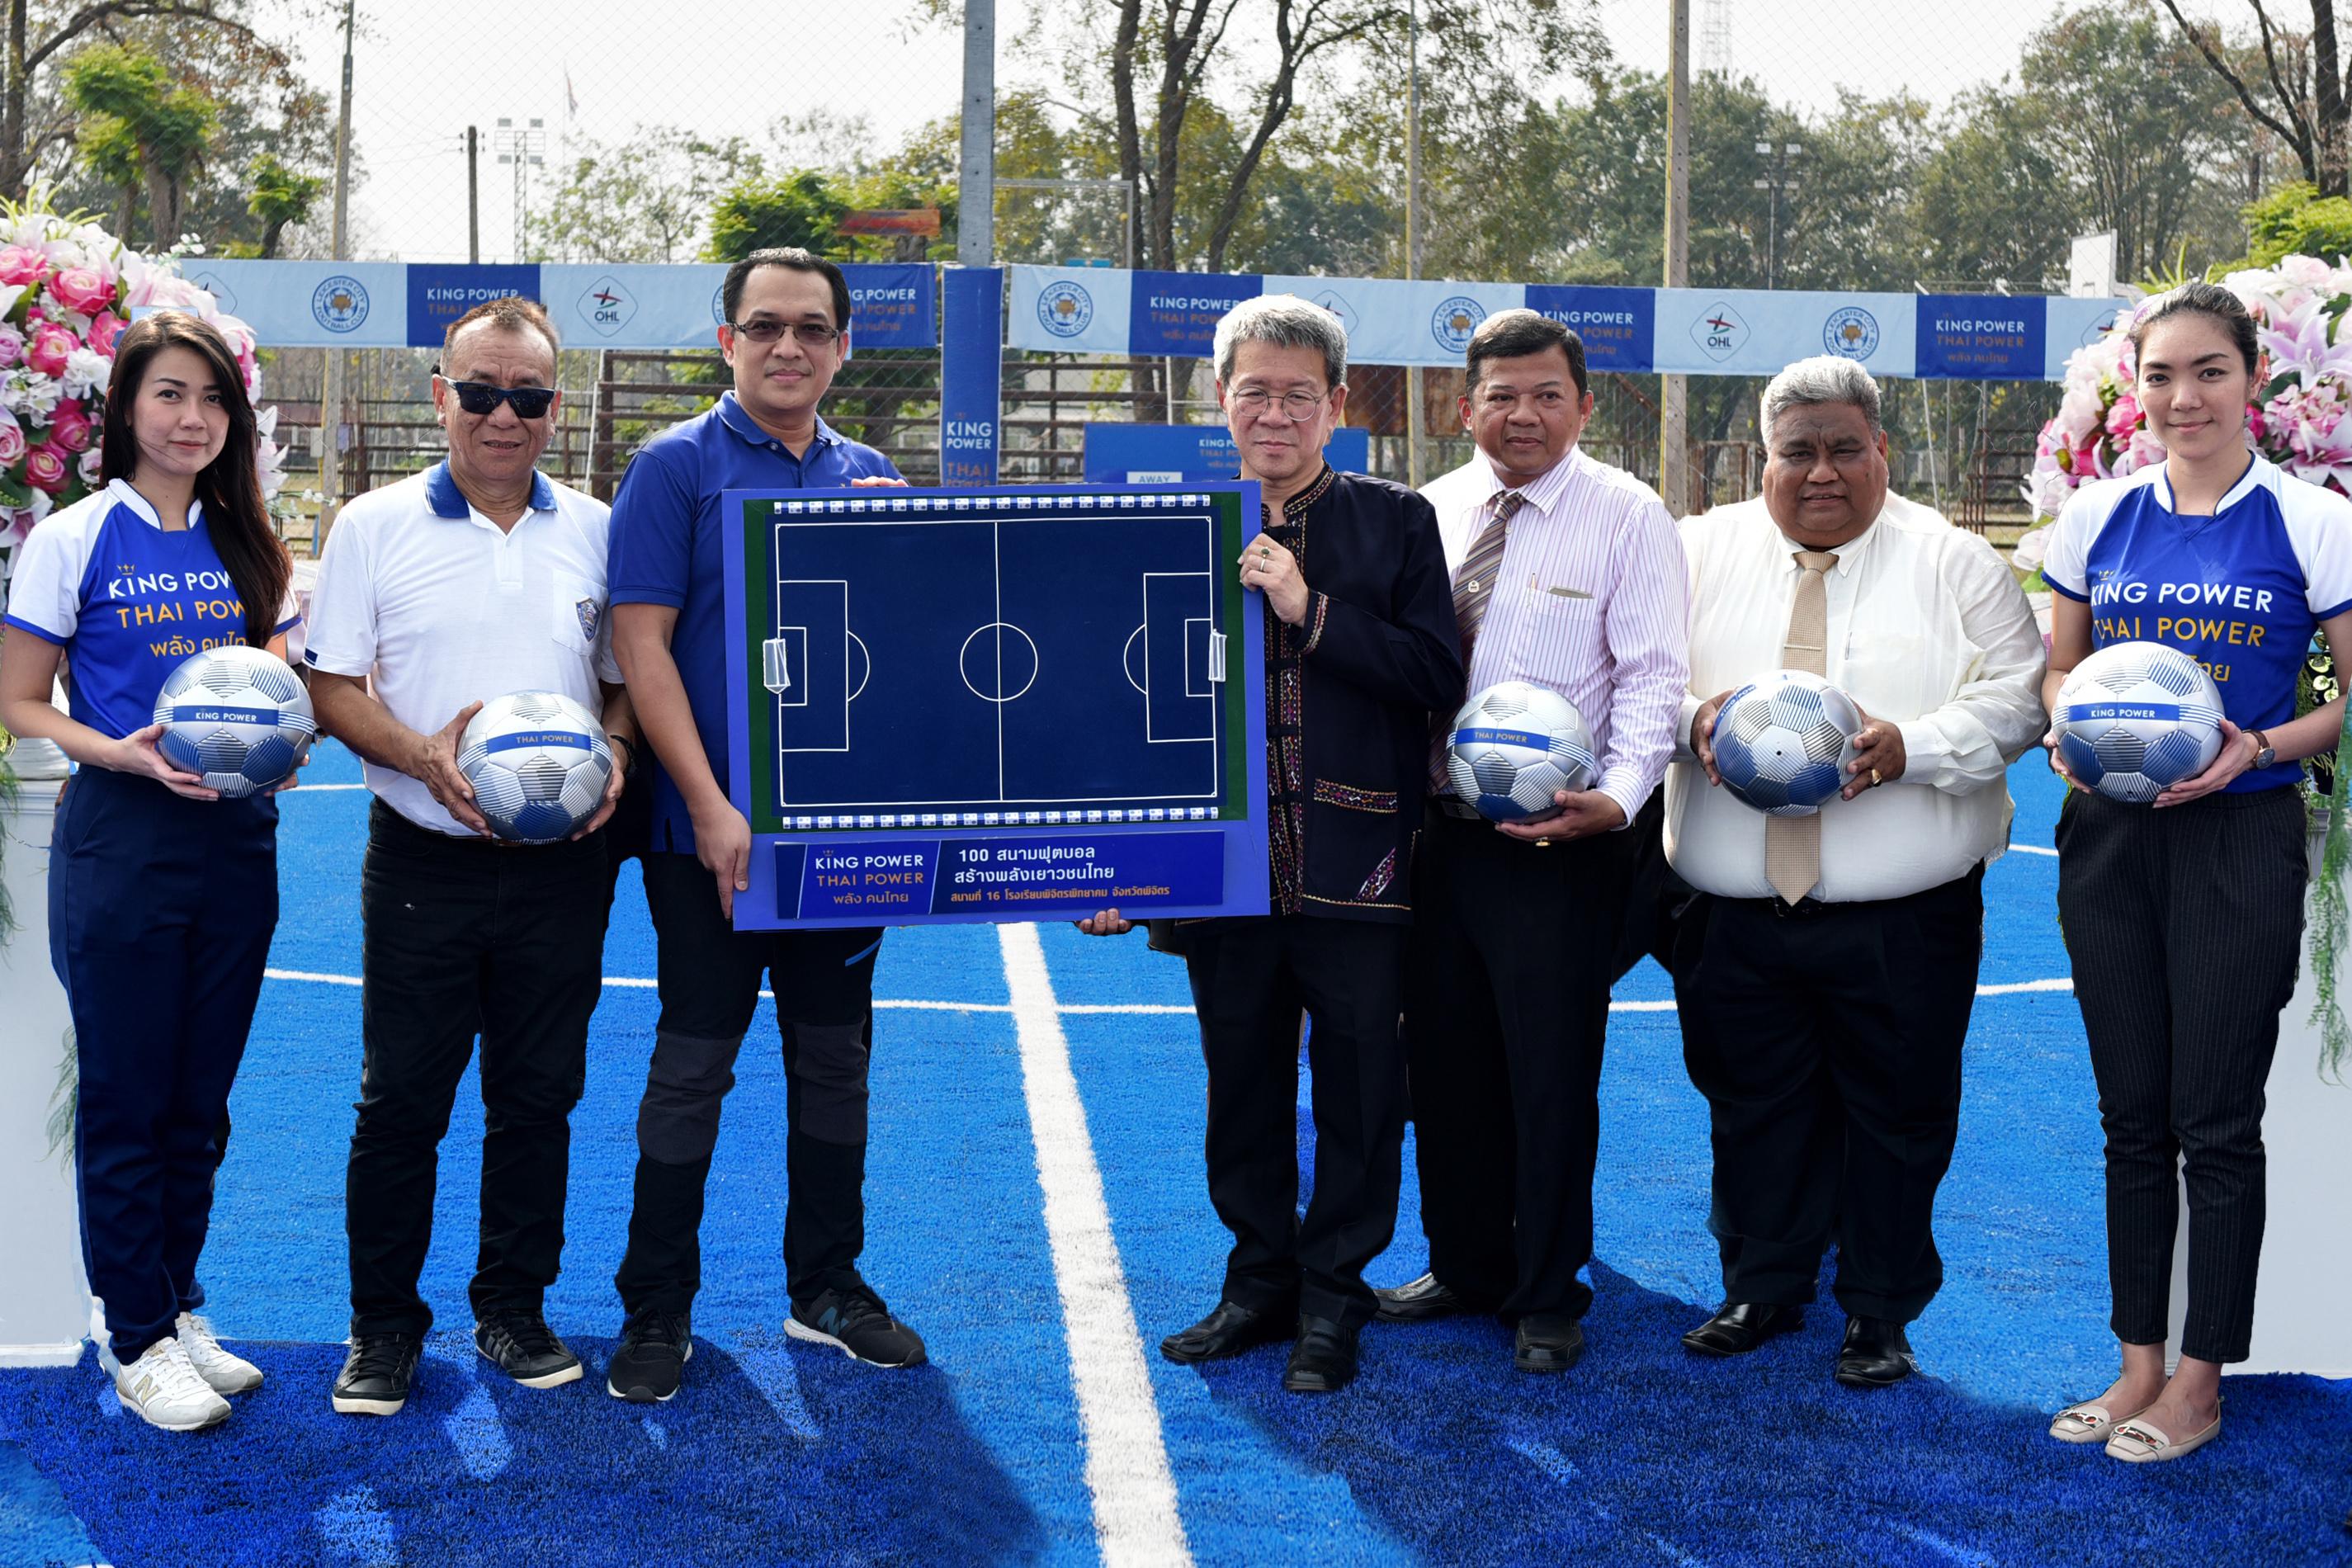 คิง เพาเวอร์ ส่งมอบสนามฟุตบอลหญ้าเทียมแห่งที่ 16 ณ โรงเรียนพิจิตรพิทยาคม ในโครงการ 100 สนามฟุตบอล สร้างพลังเยาวชนไทย